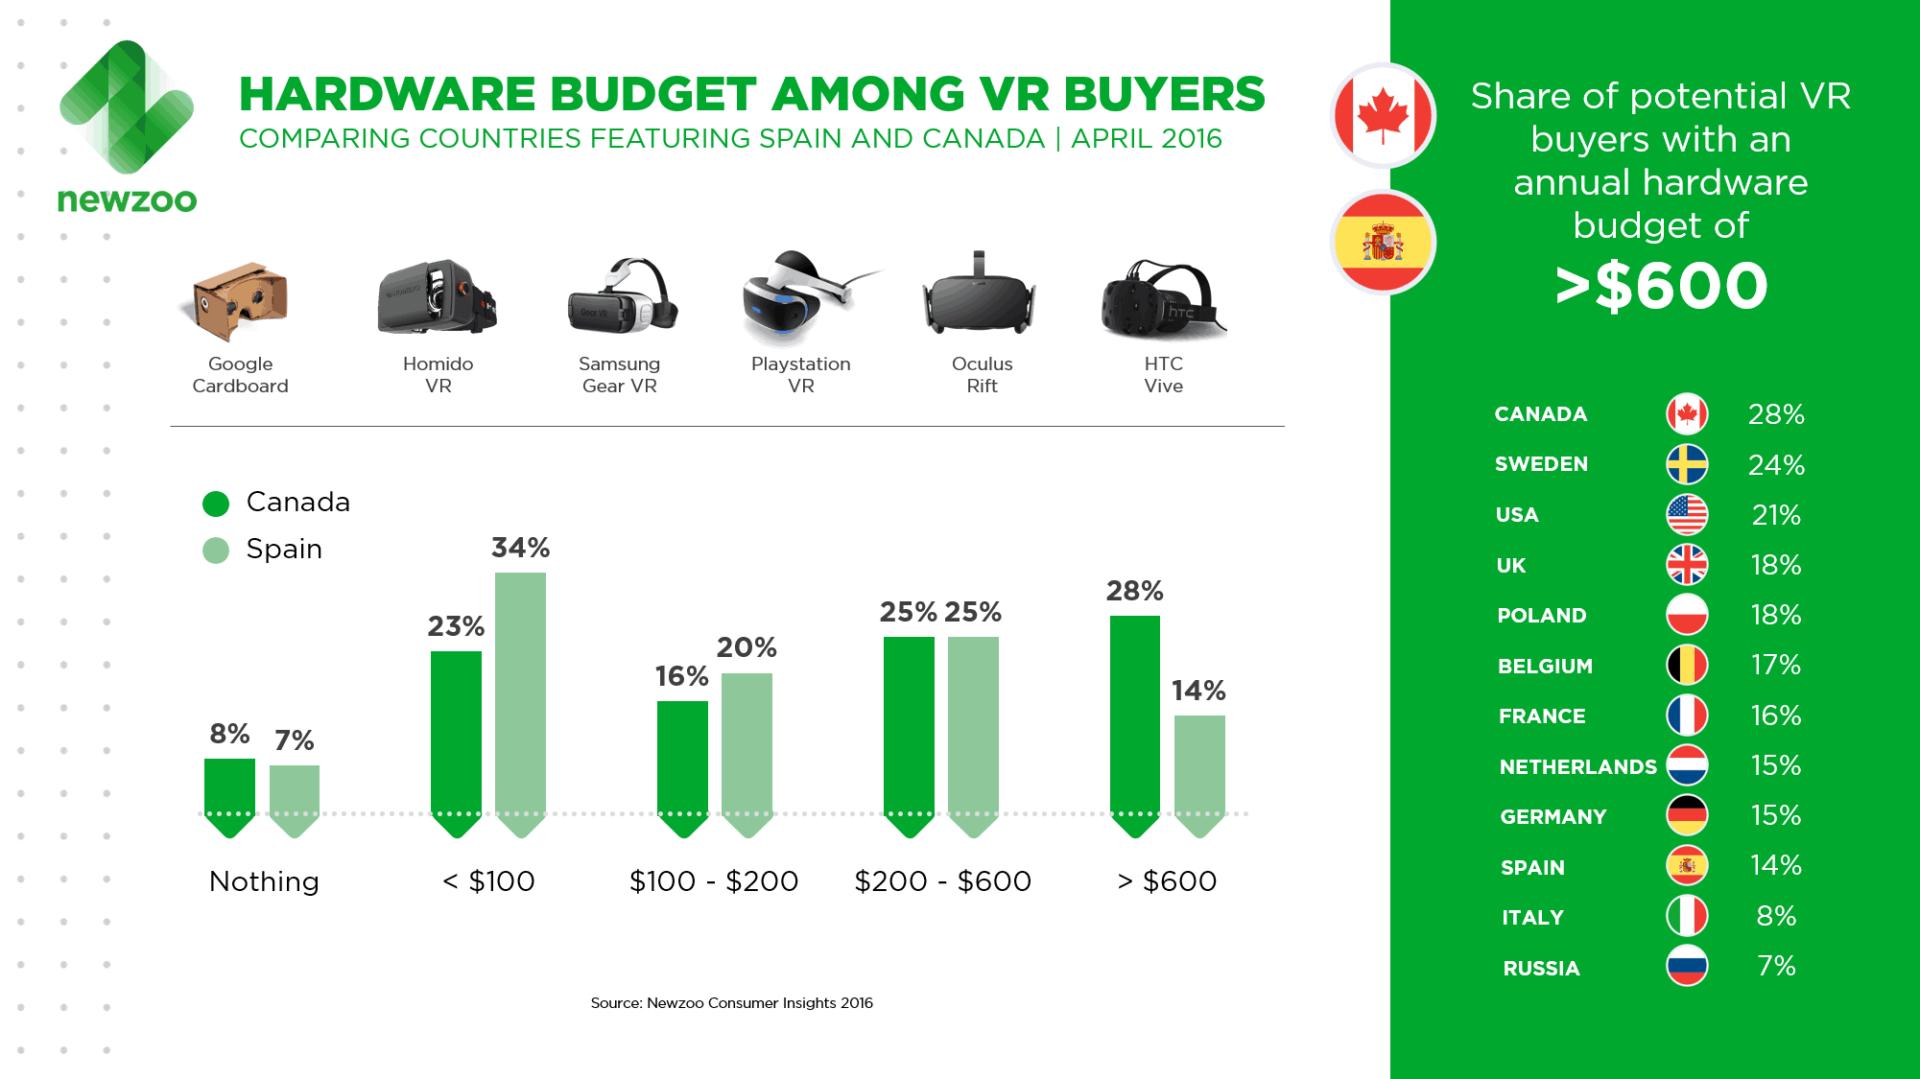 Hardware Budget der VR-Käufer